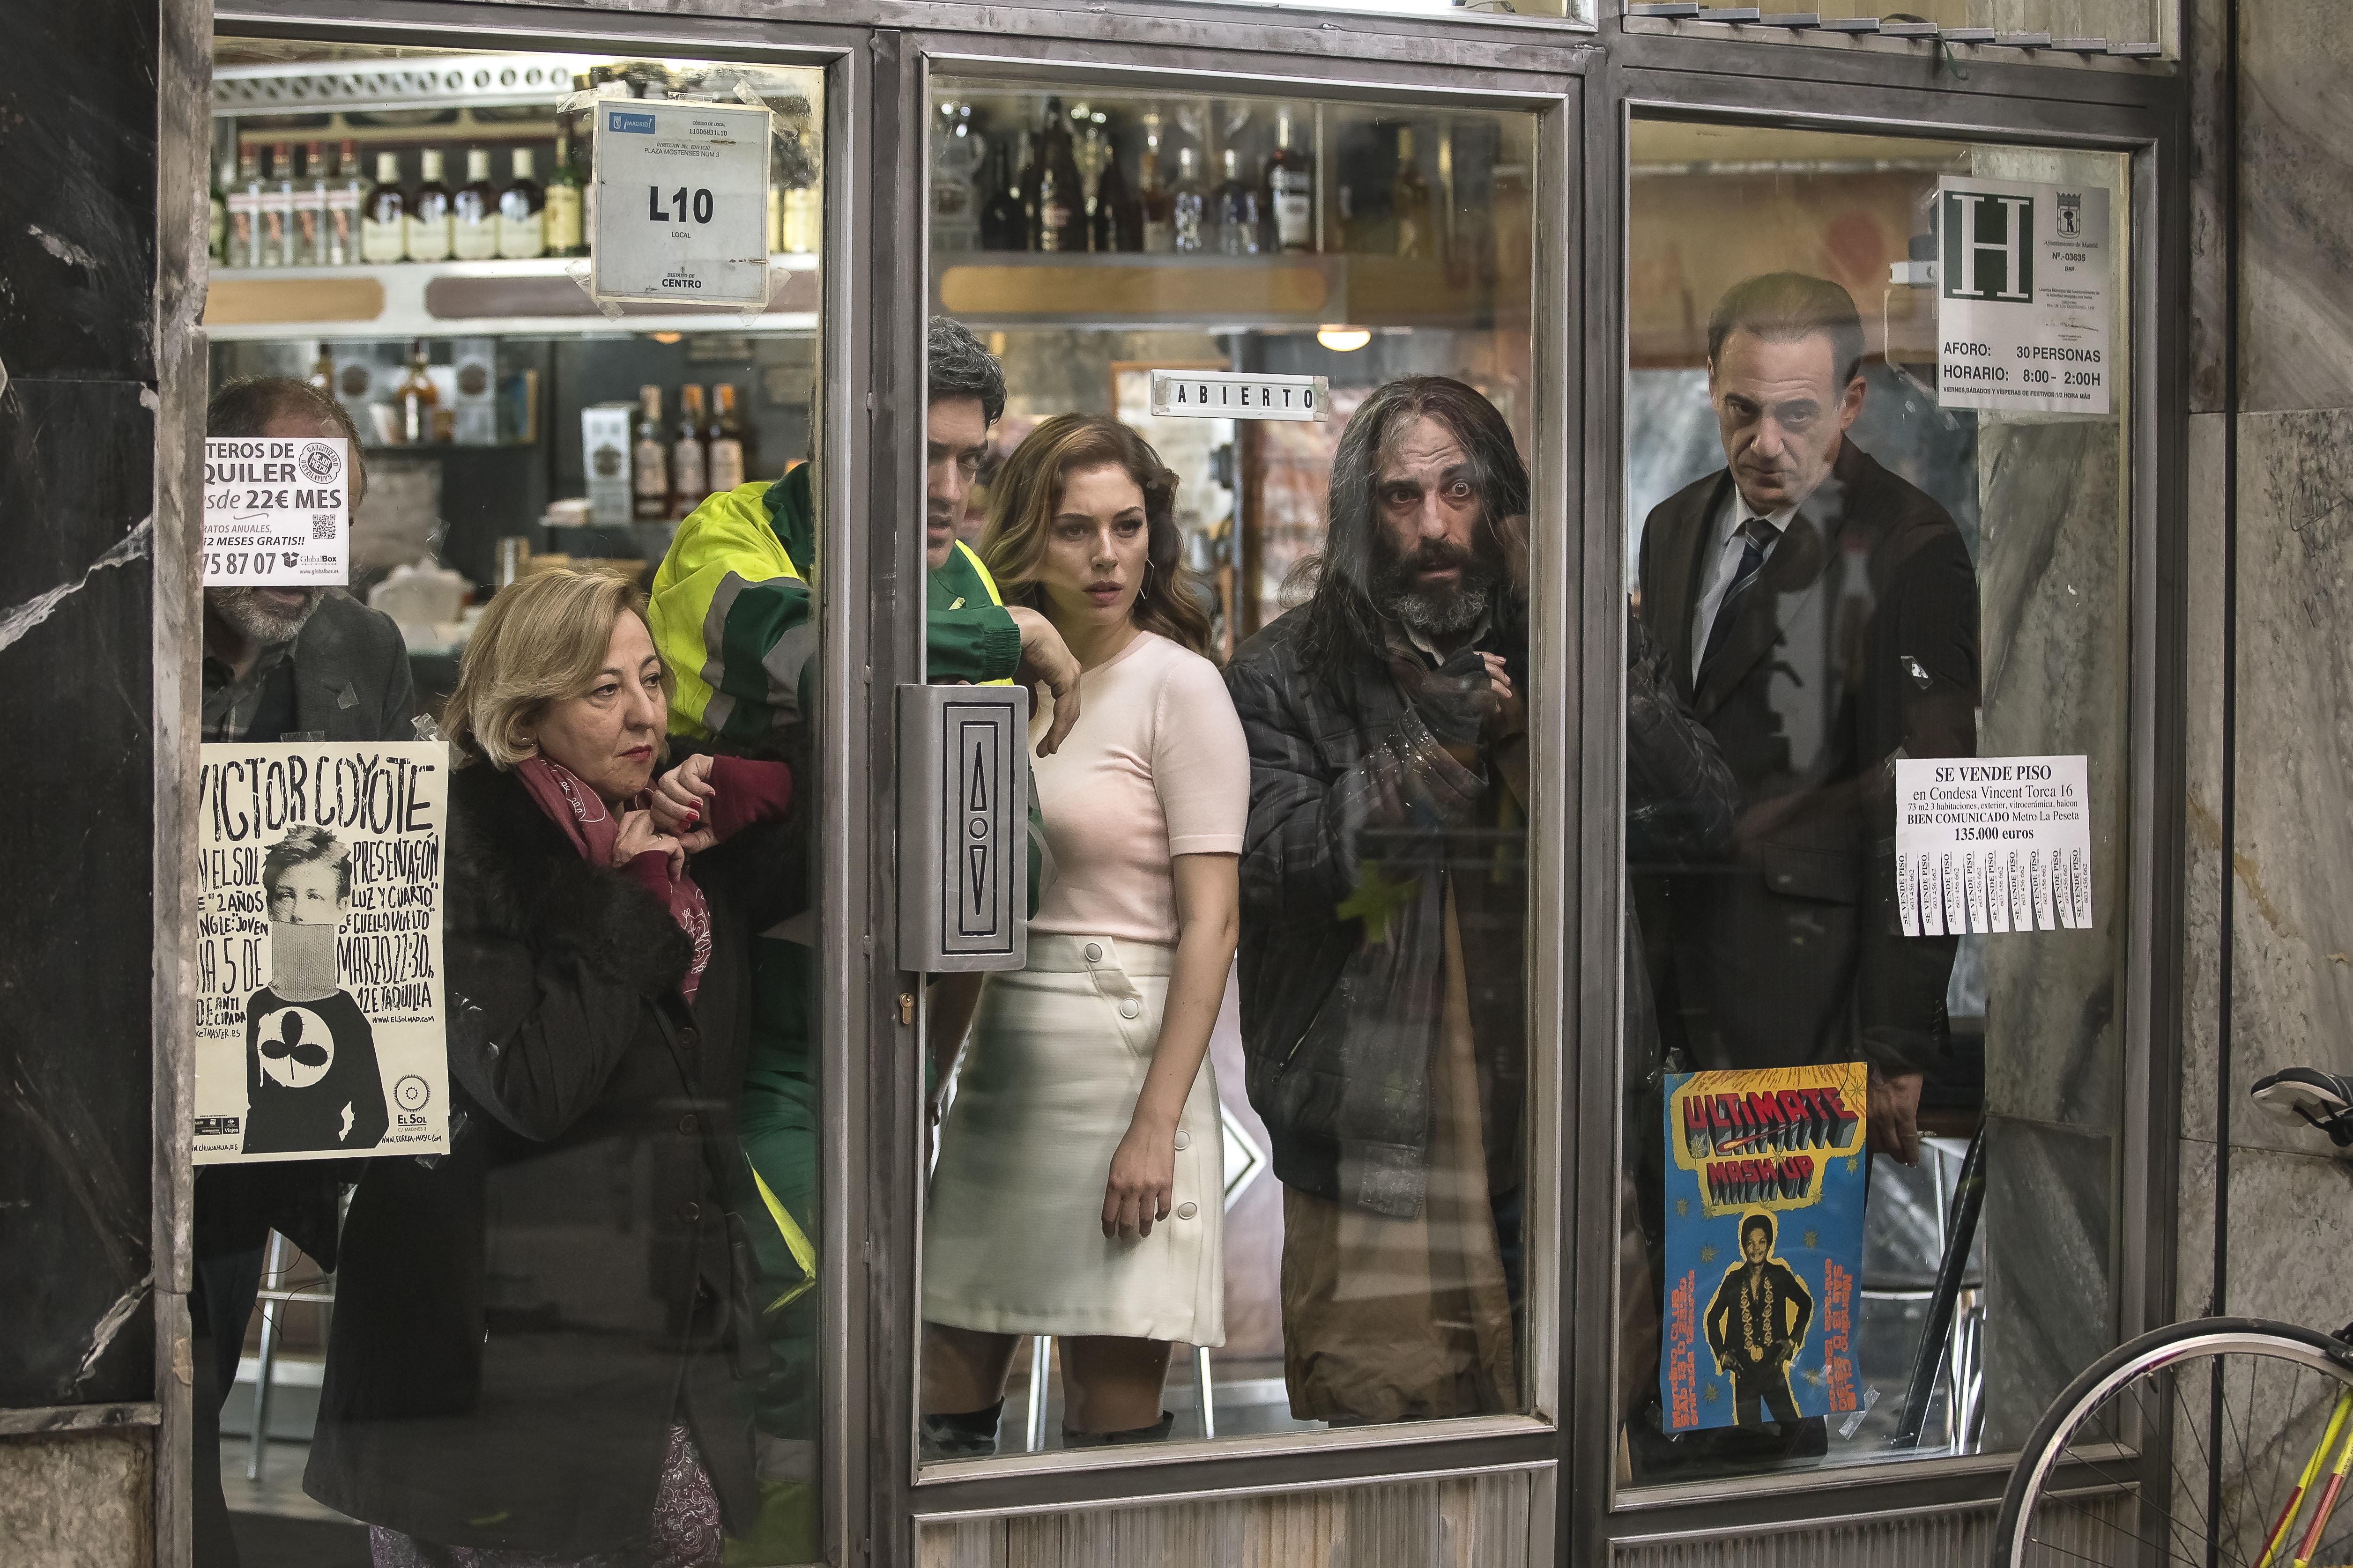 http://newcinema.es/imagenes/2016/03/el-bar-protagonistas-rodaje.jpg